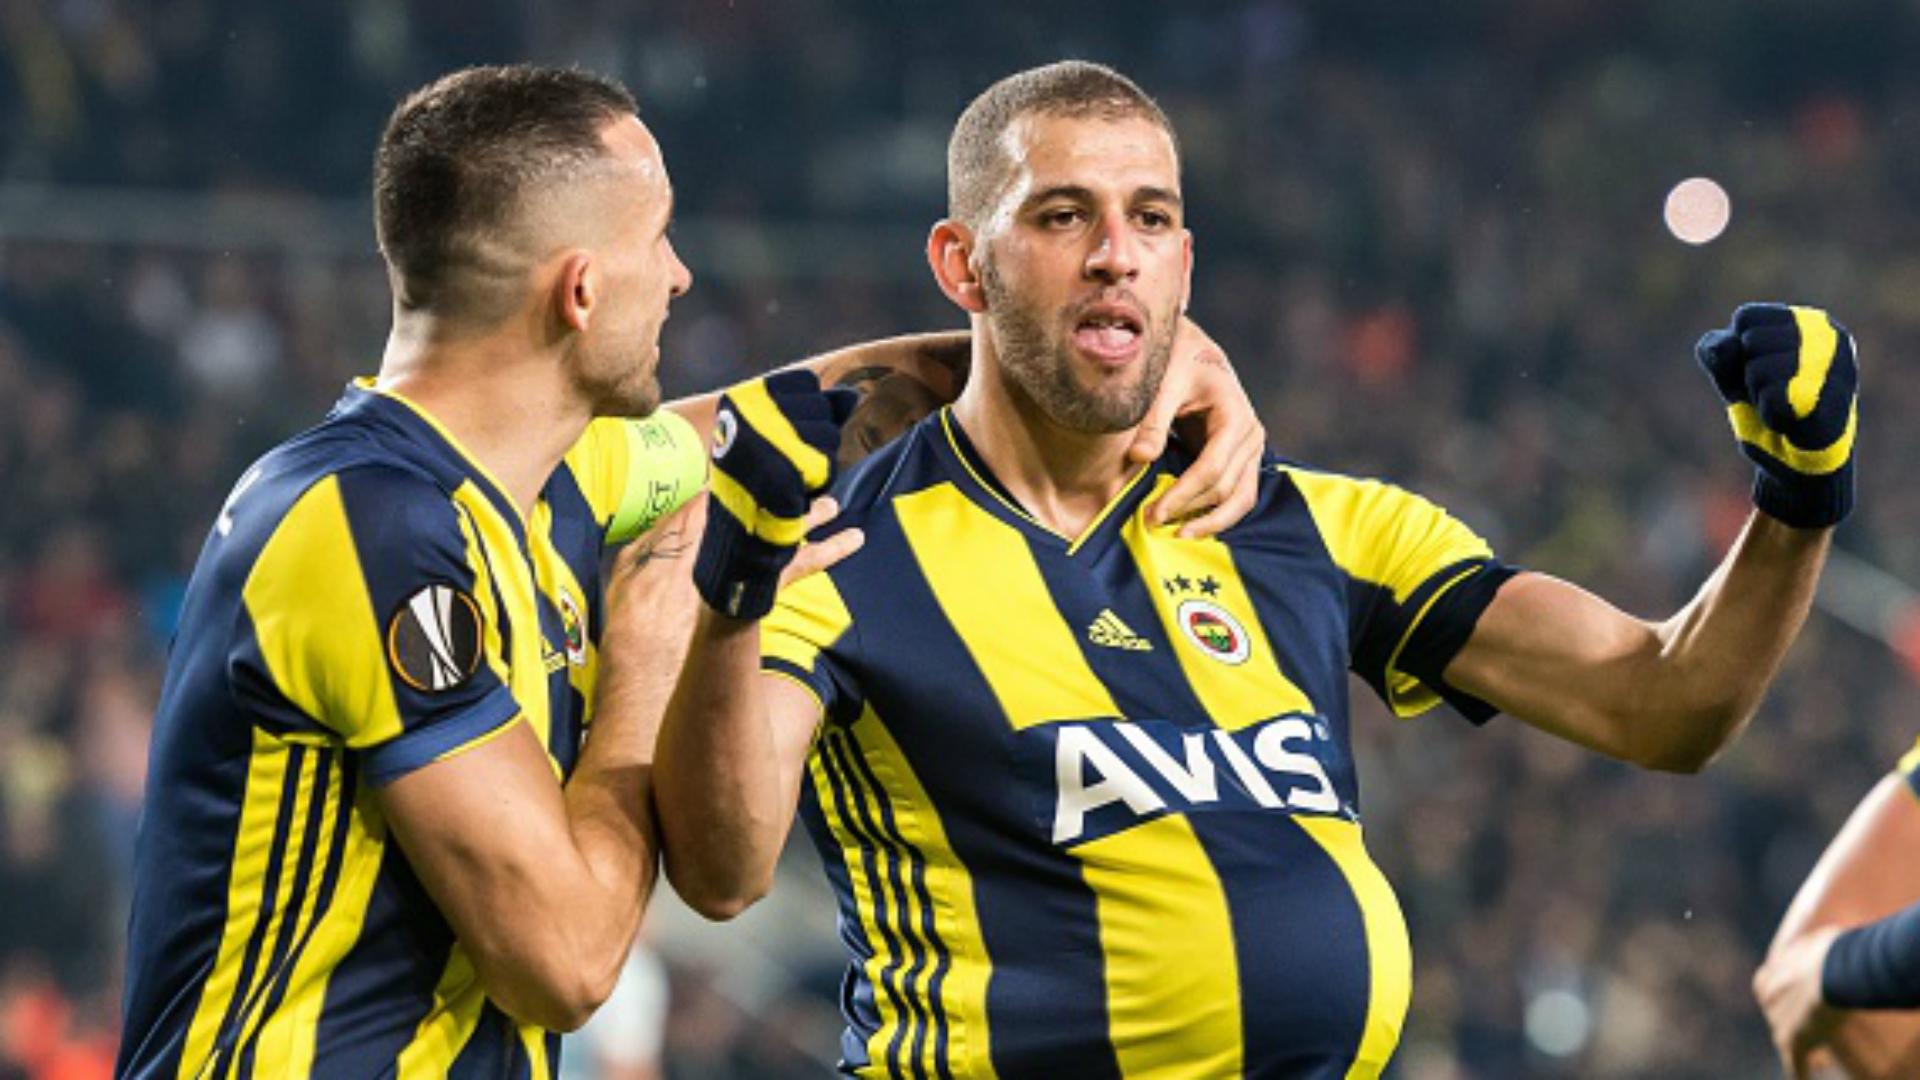 Fenerbahçe Zenit: Slimani Scores Opens 2019 Account In Fenerbahce's Europa